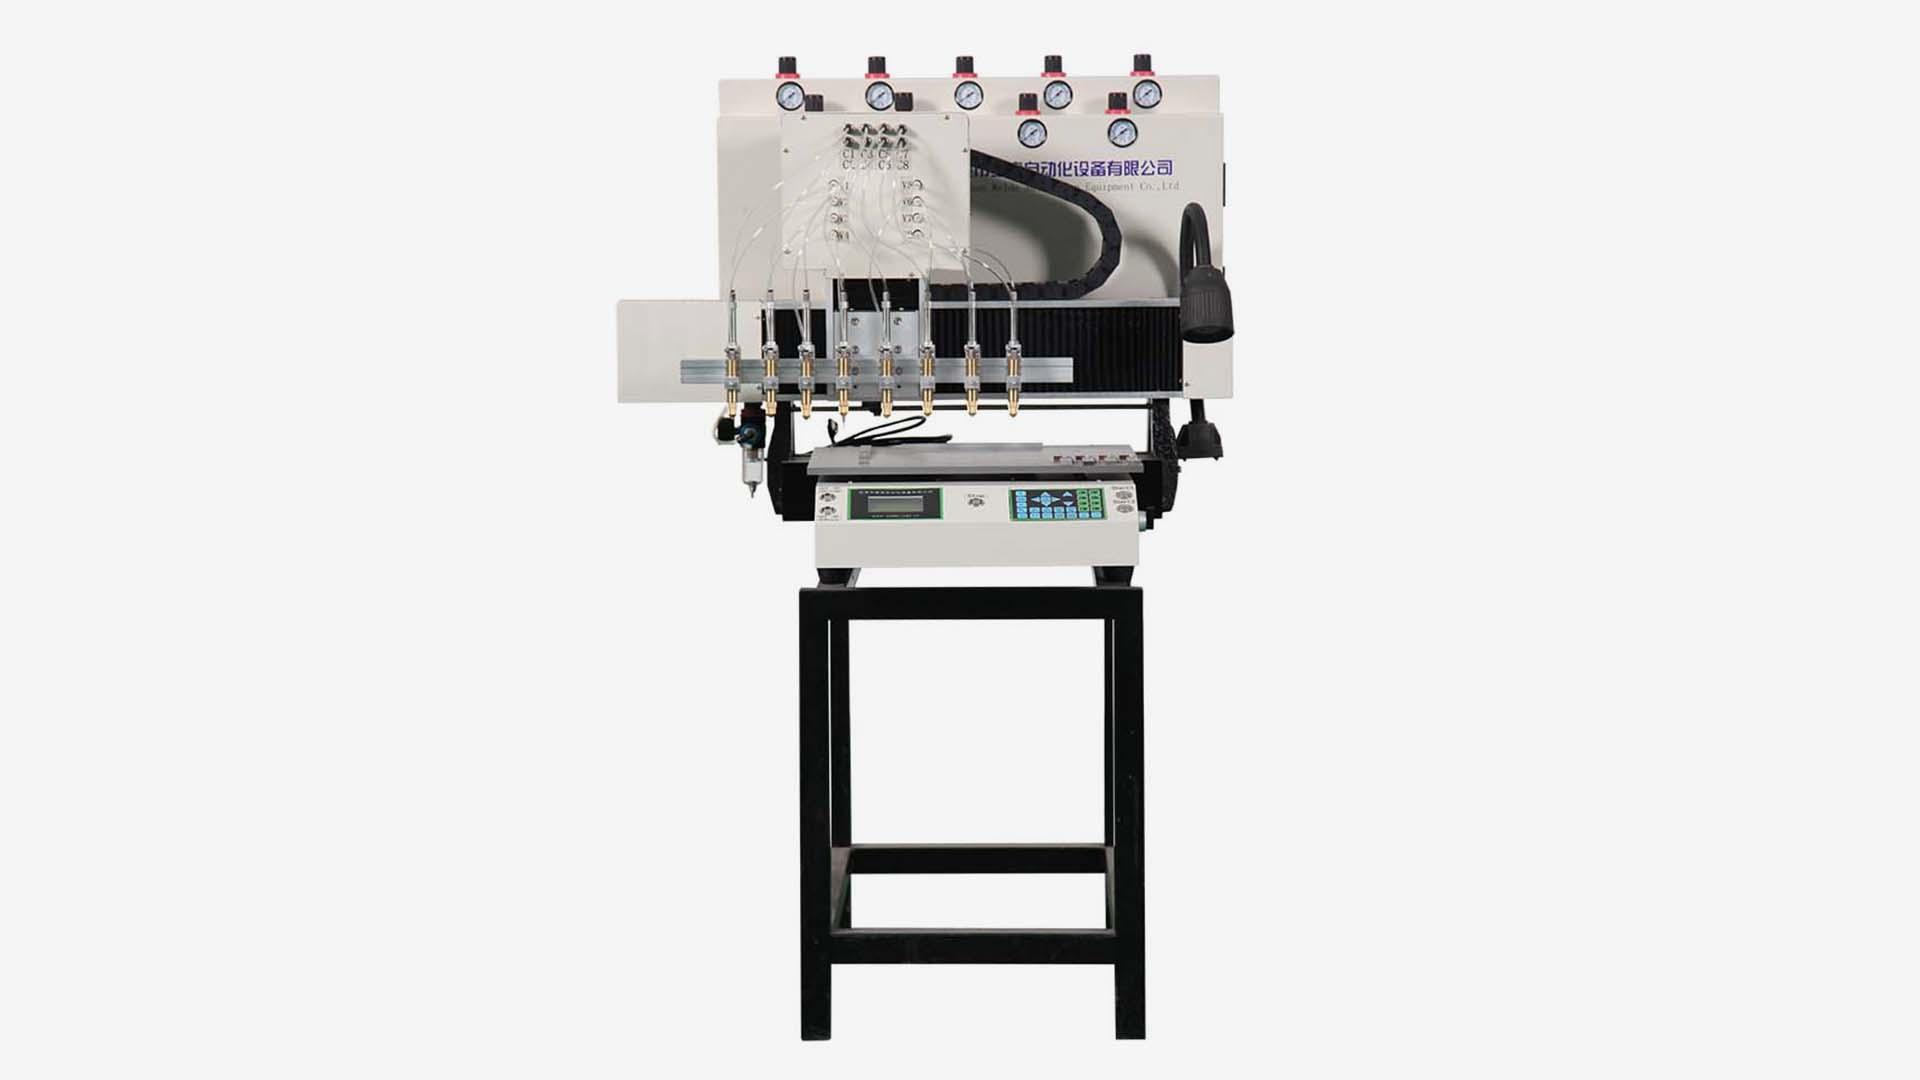 Weldo 5 colors PVC/Silicon label automatic dispenser machine